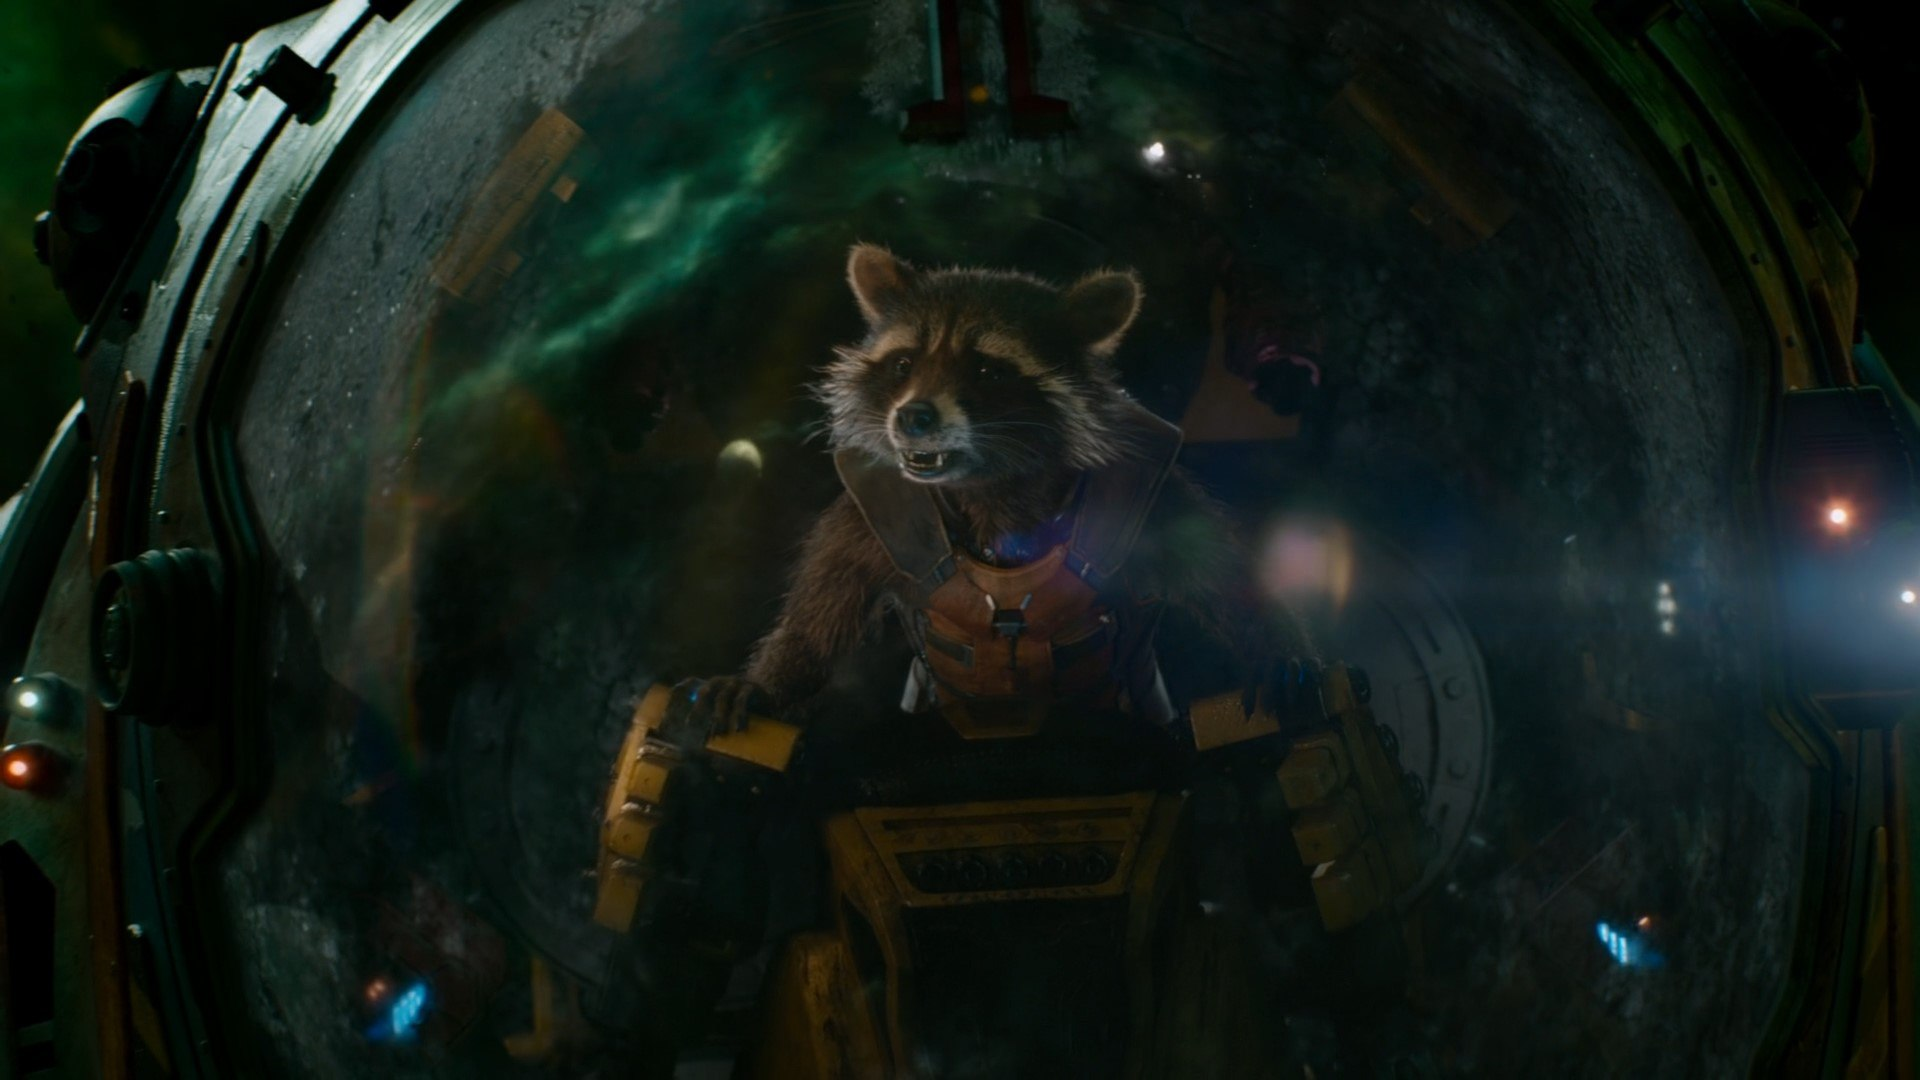 Стражи Галактики / Guardians of the Galaxy (2014) BDRip 1080p 60 FPS скачать торрент